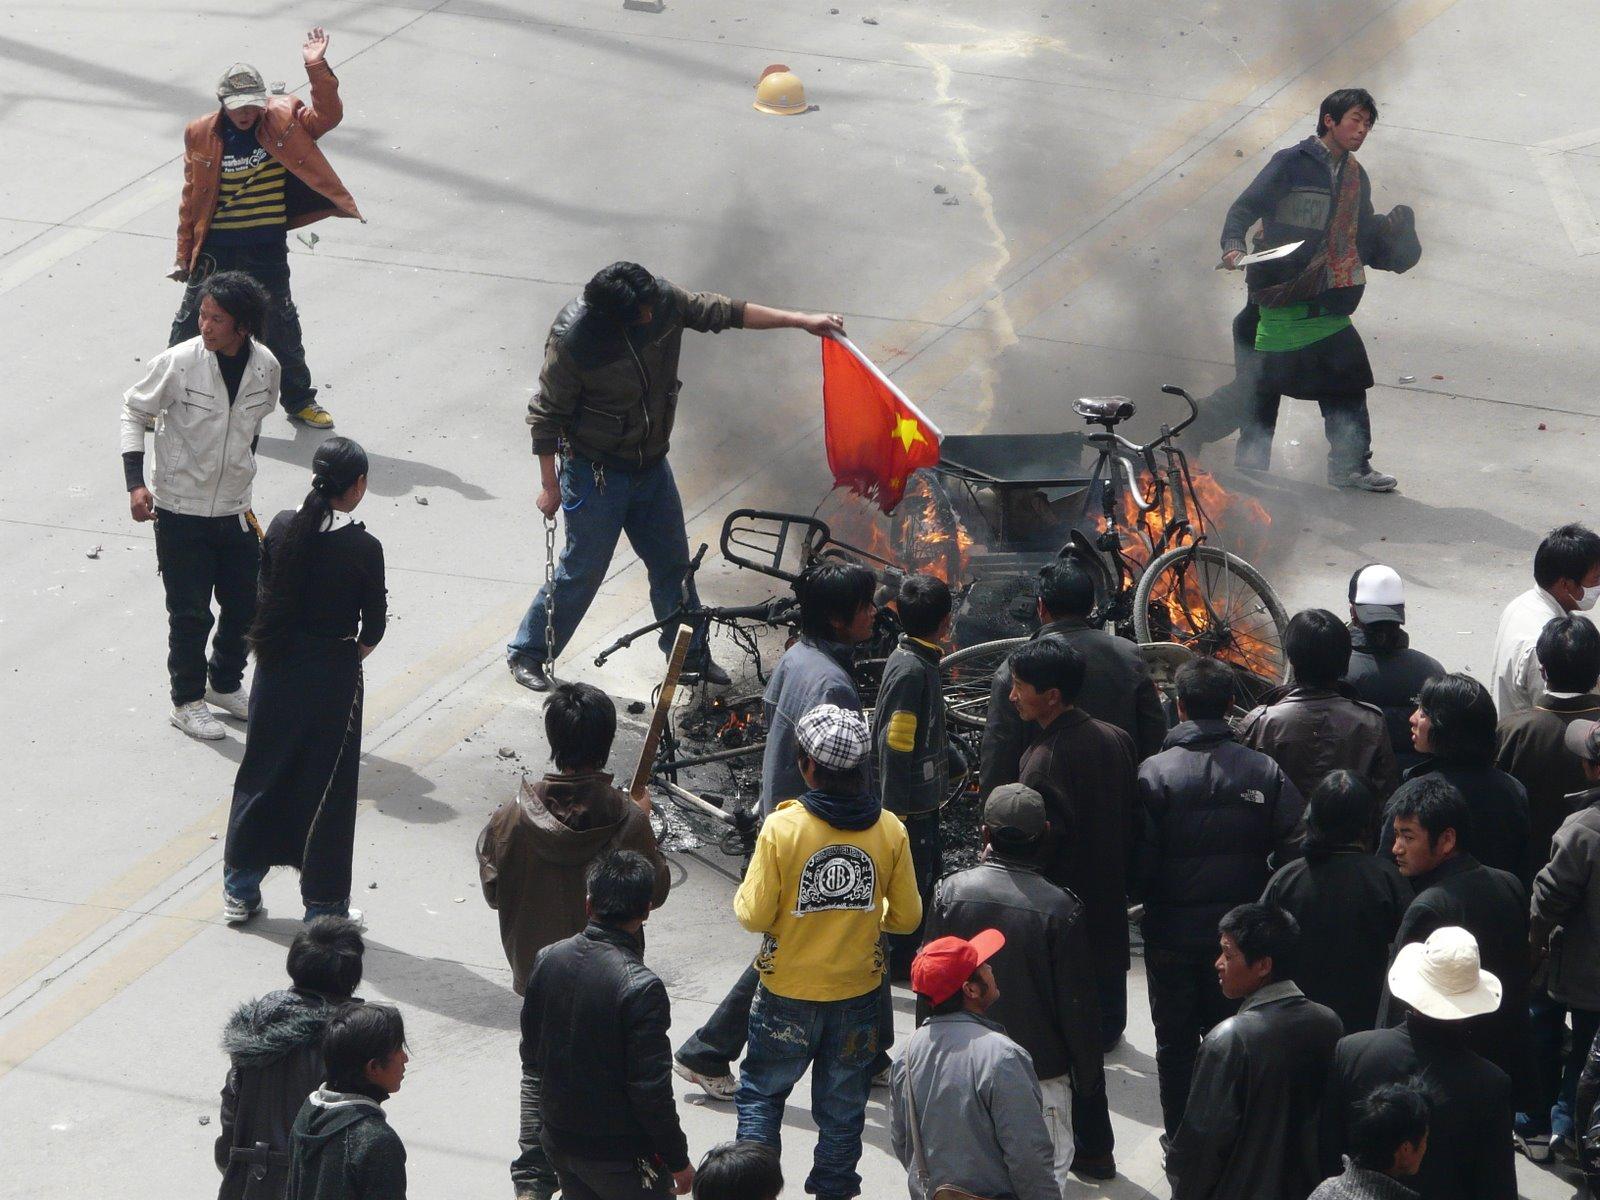 チベット人に扮した警察官がデモ隊を扇動